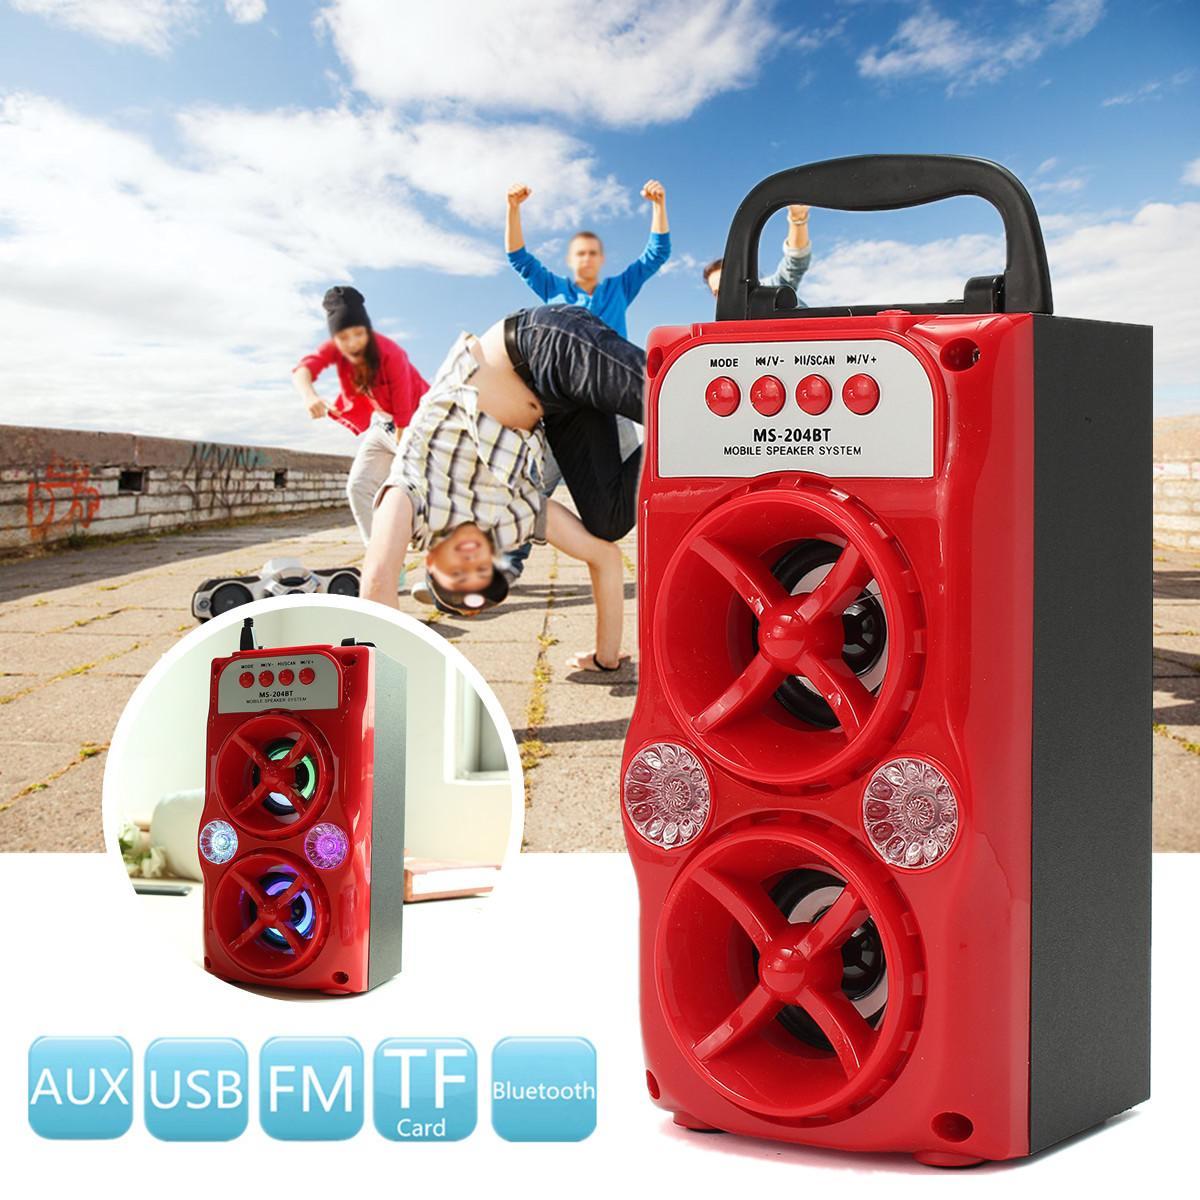 10 W Tragbare Drahtlose Bluetooth Stereo Lautsprecher Unterstützung Usb/tf/aux/fm Radio Tf Karte Lautsprecher Sound System Musik Outdoor Erfrischend Und Wohltuend FüR Die Augen